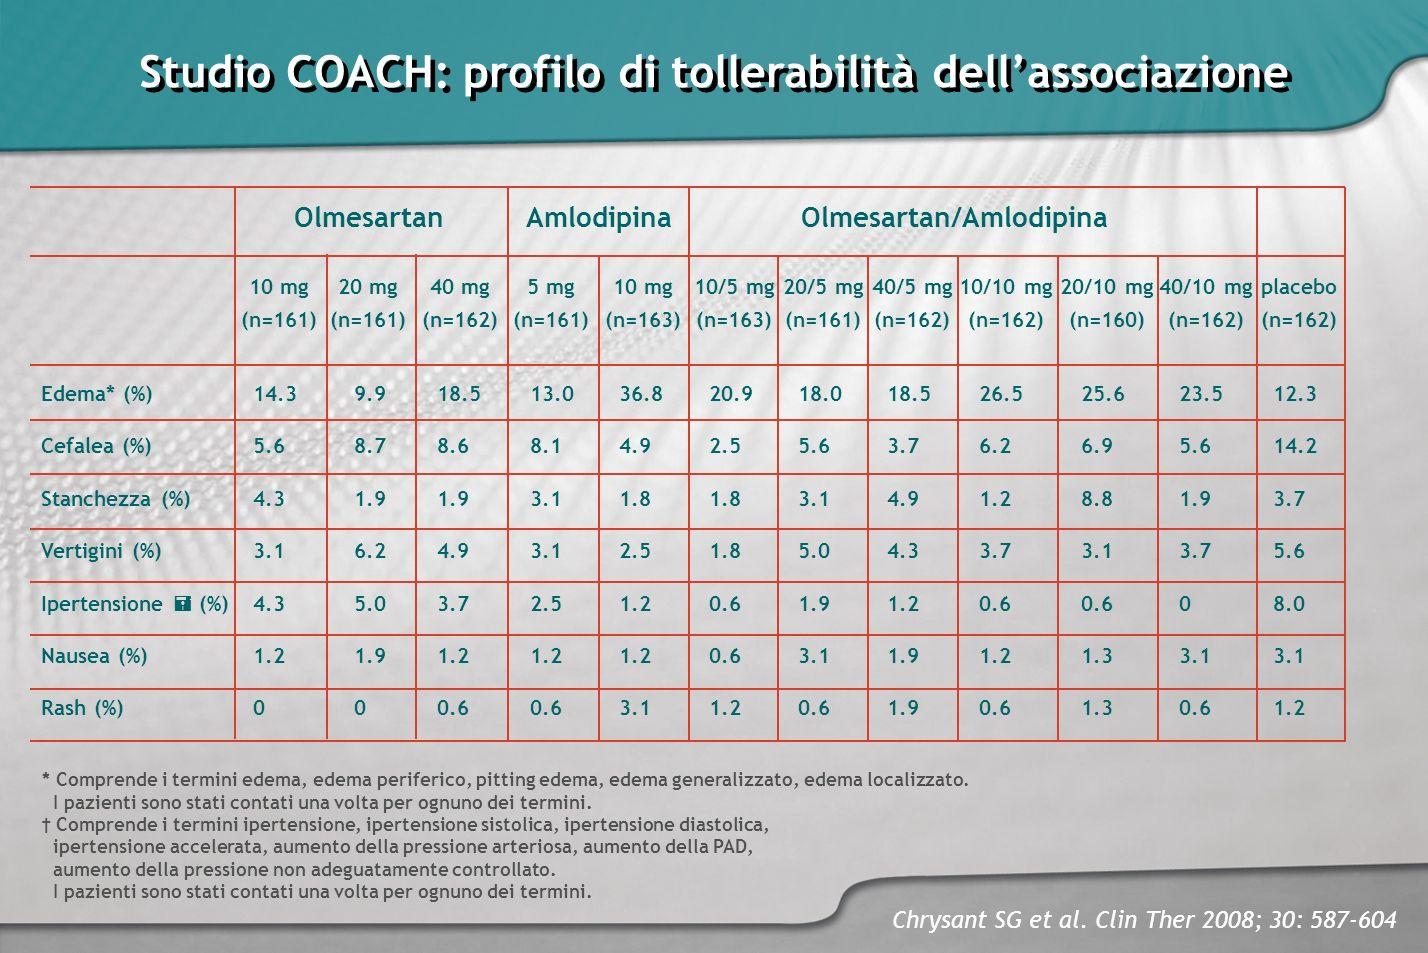 Studio COACH: profilo di tollerabilità dellassociazione Chrysant SG et al. Clin Ther 2008; 30: 587-604 Edema* (%) Cefalea (%) Stanchezza (%) Vertigini